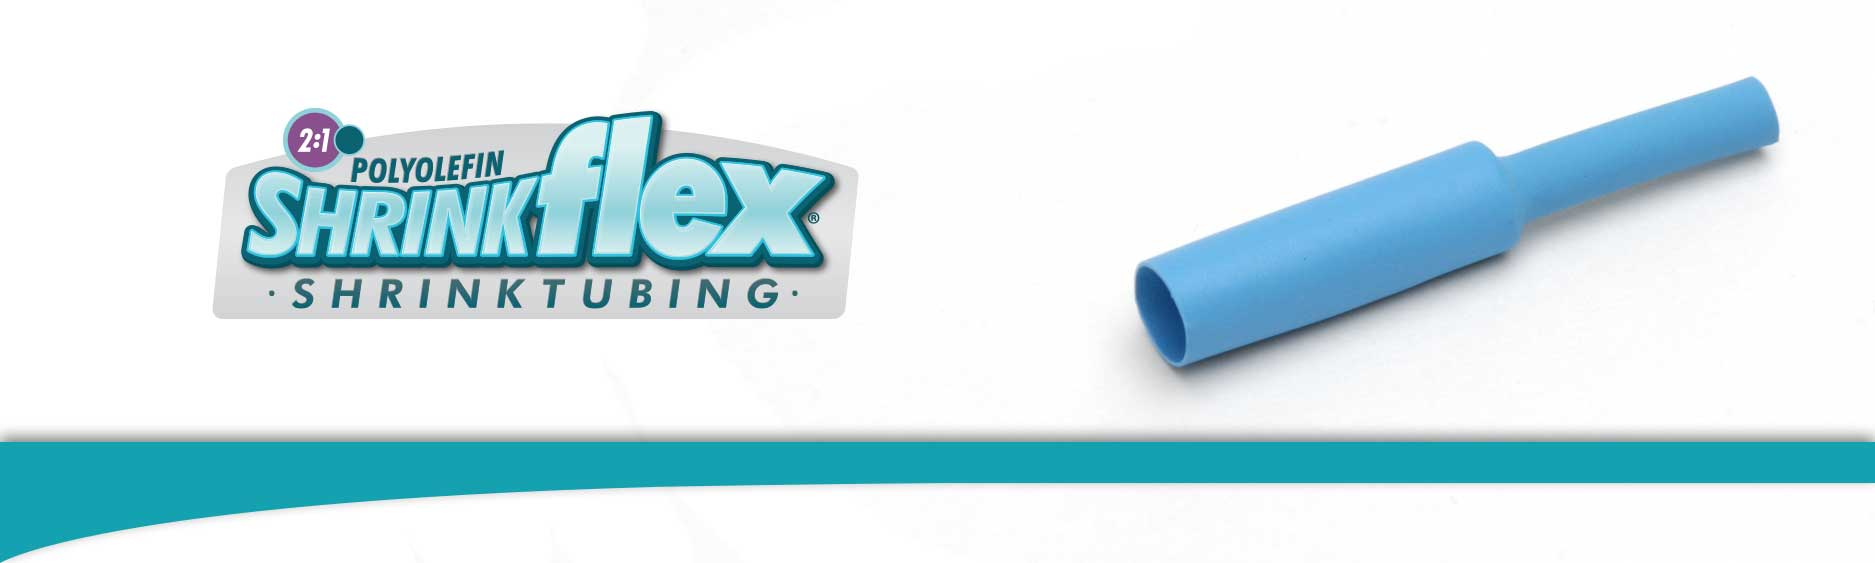 Heatshrink Tubing        2-1